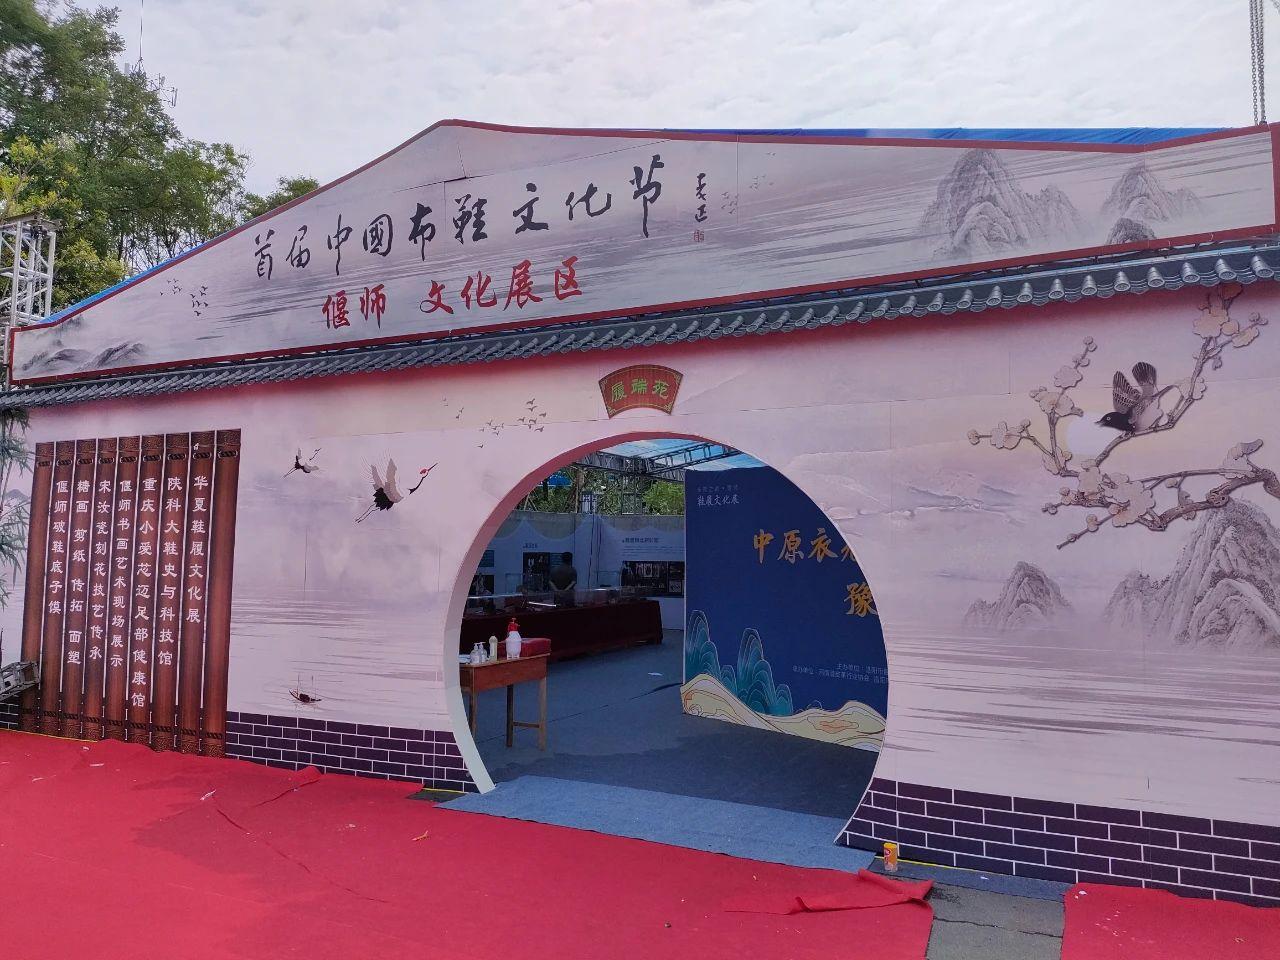 首届中国布鞋文化节暨第十届中国布鞋之都・偃师2021秋冬产销对接会隆重开幕!